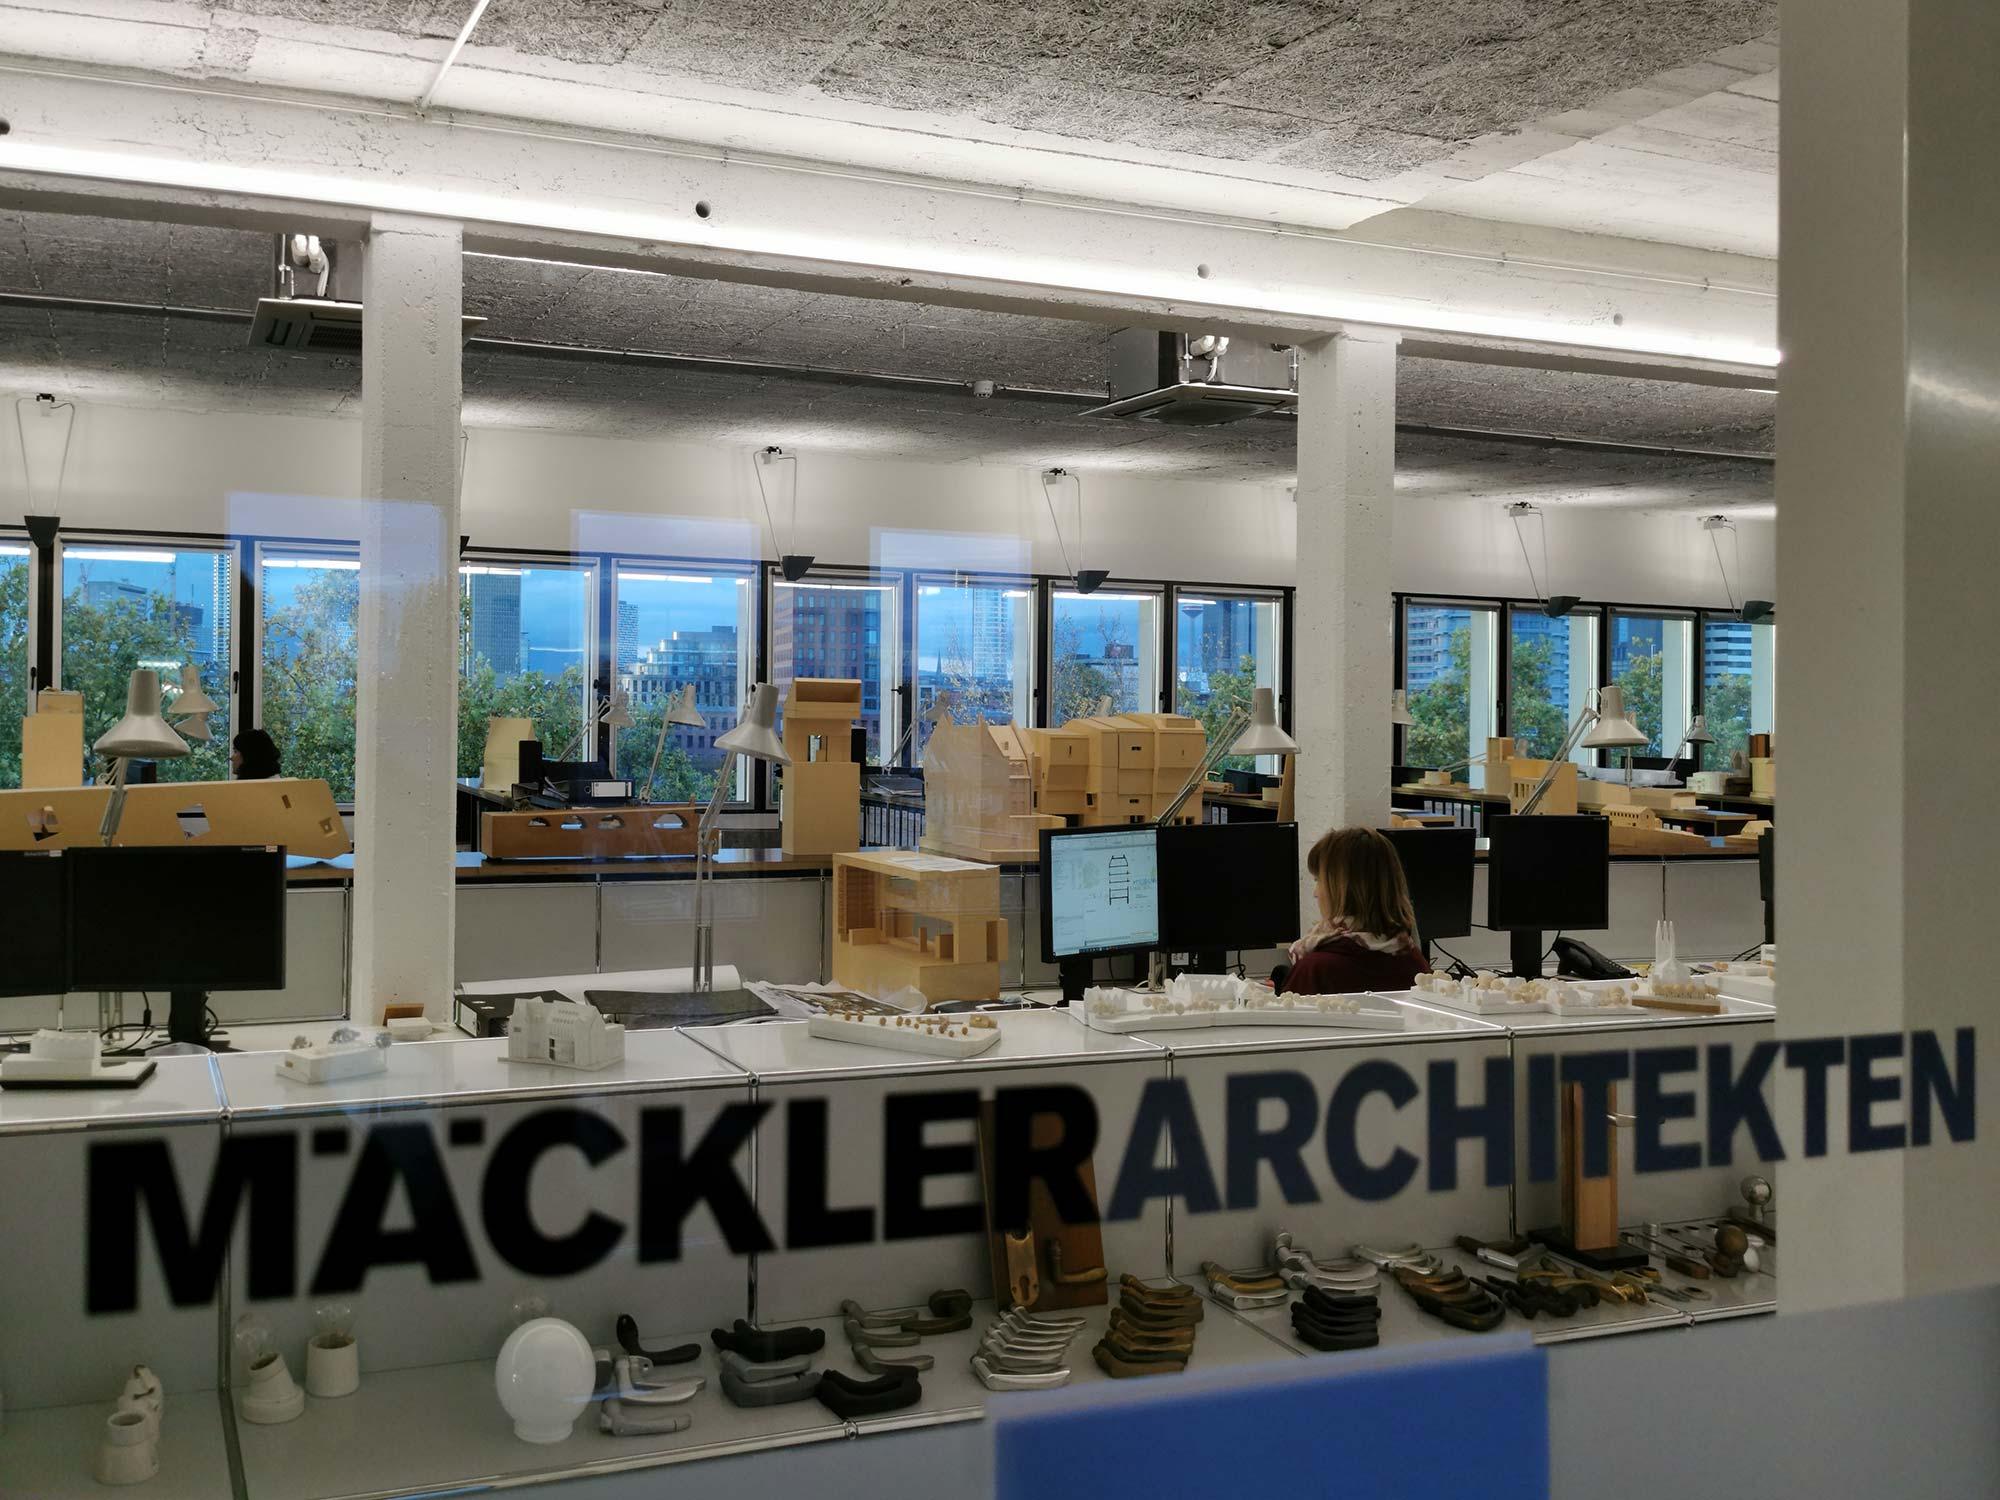 MÄCKLERARCHITEKTEN in Frankfurt am Main - Architekturbüro FFM